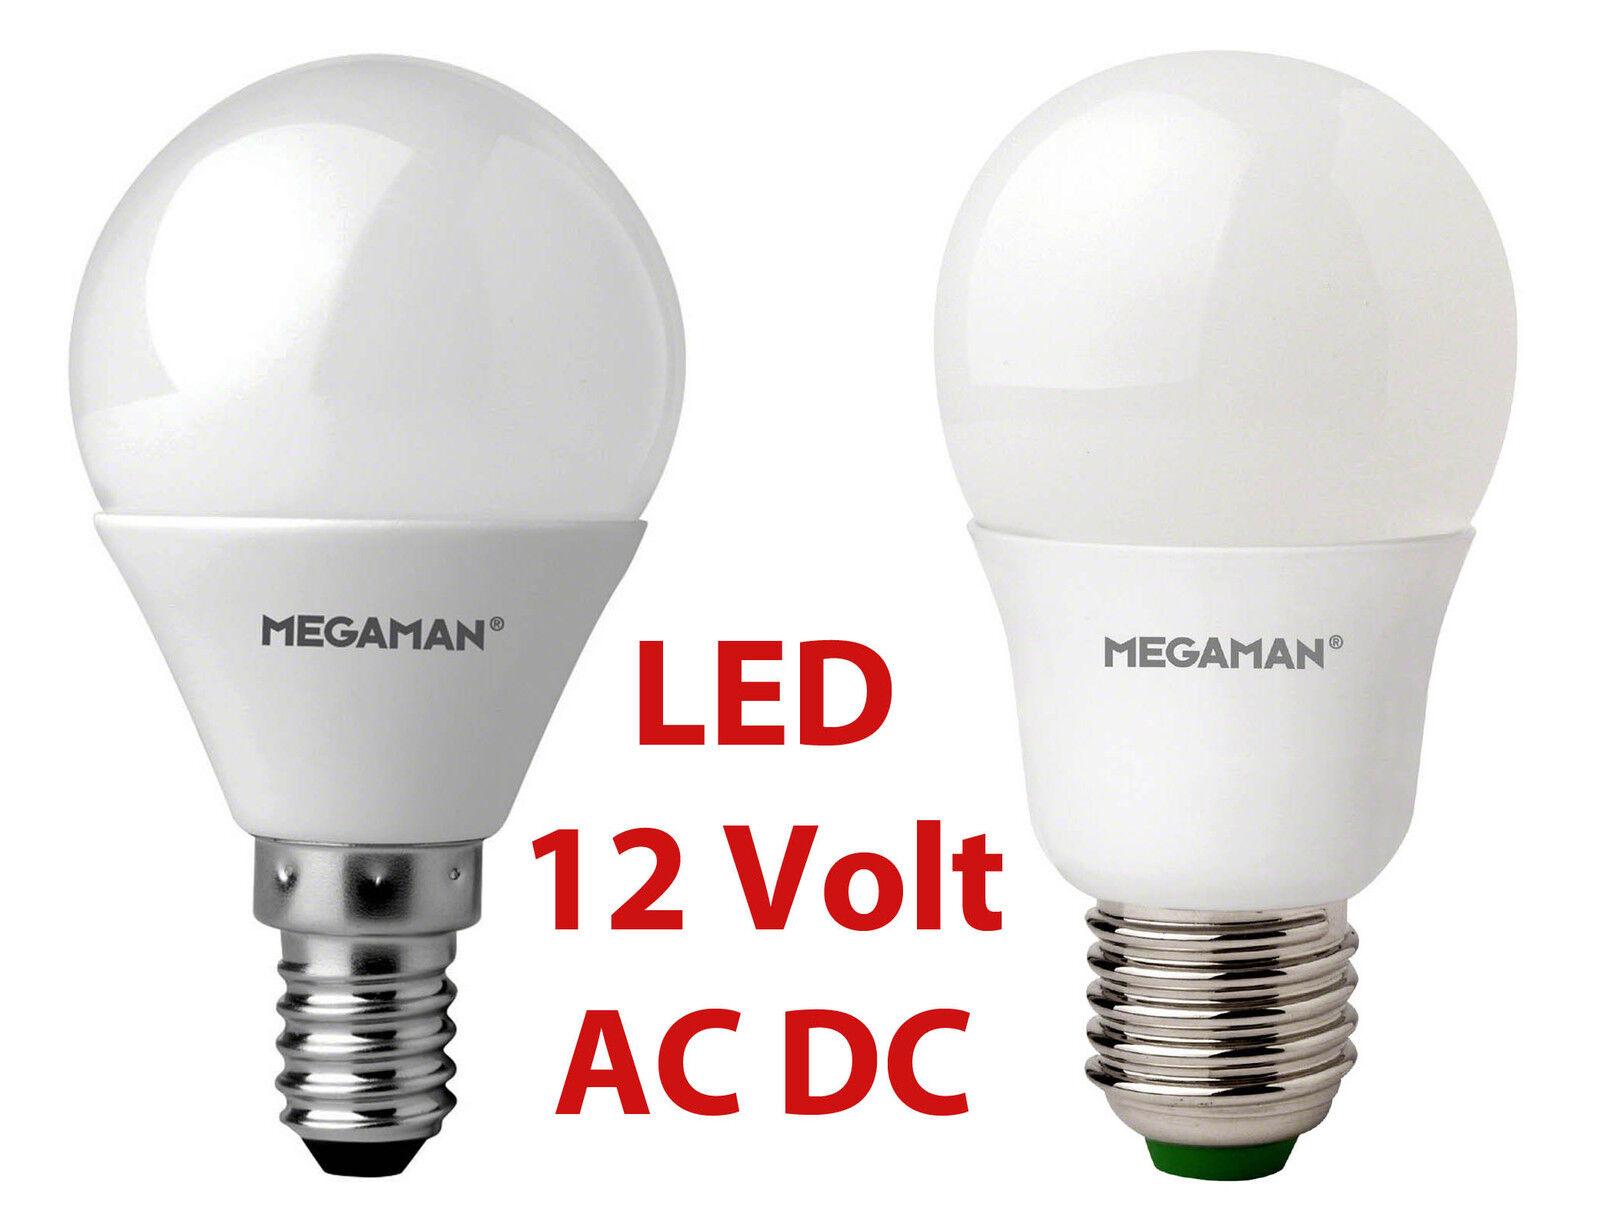 S+H Scharnberger LED Soffittenlampe 8x31mm 12-14 Volt AC//DC weiß 1 Chip